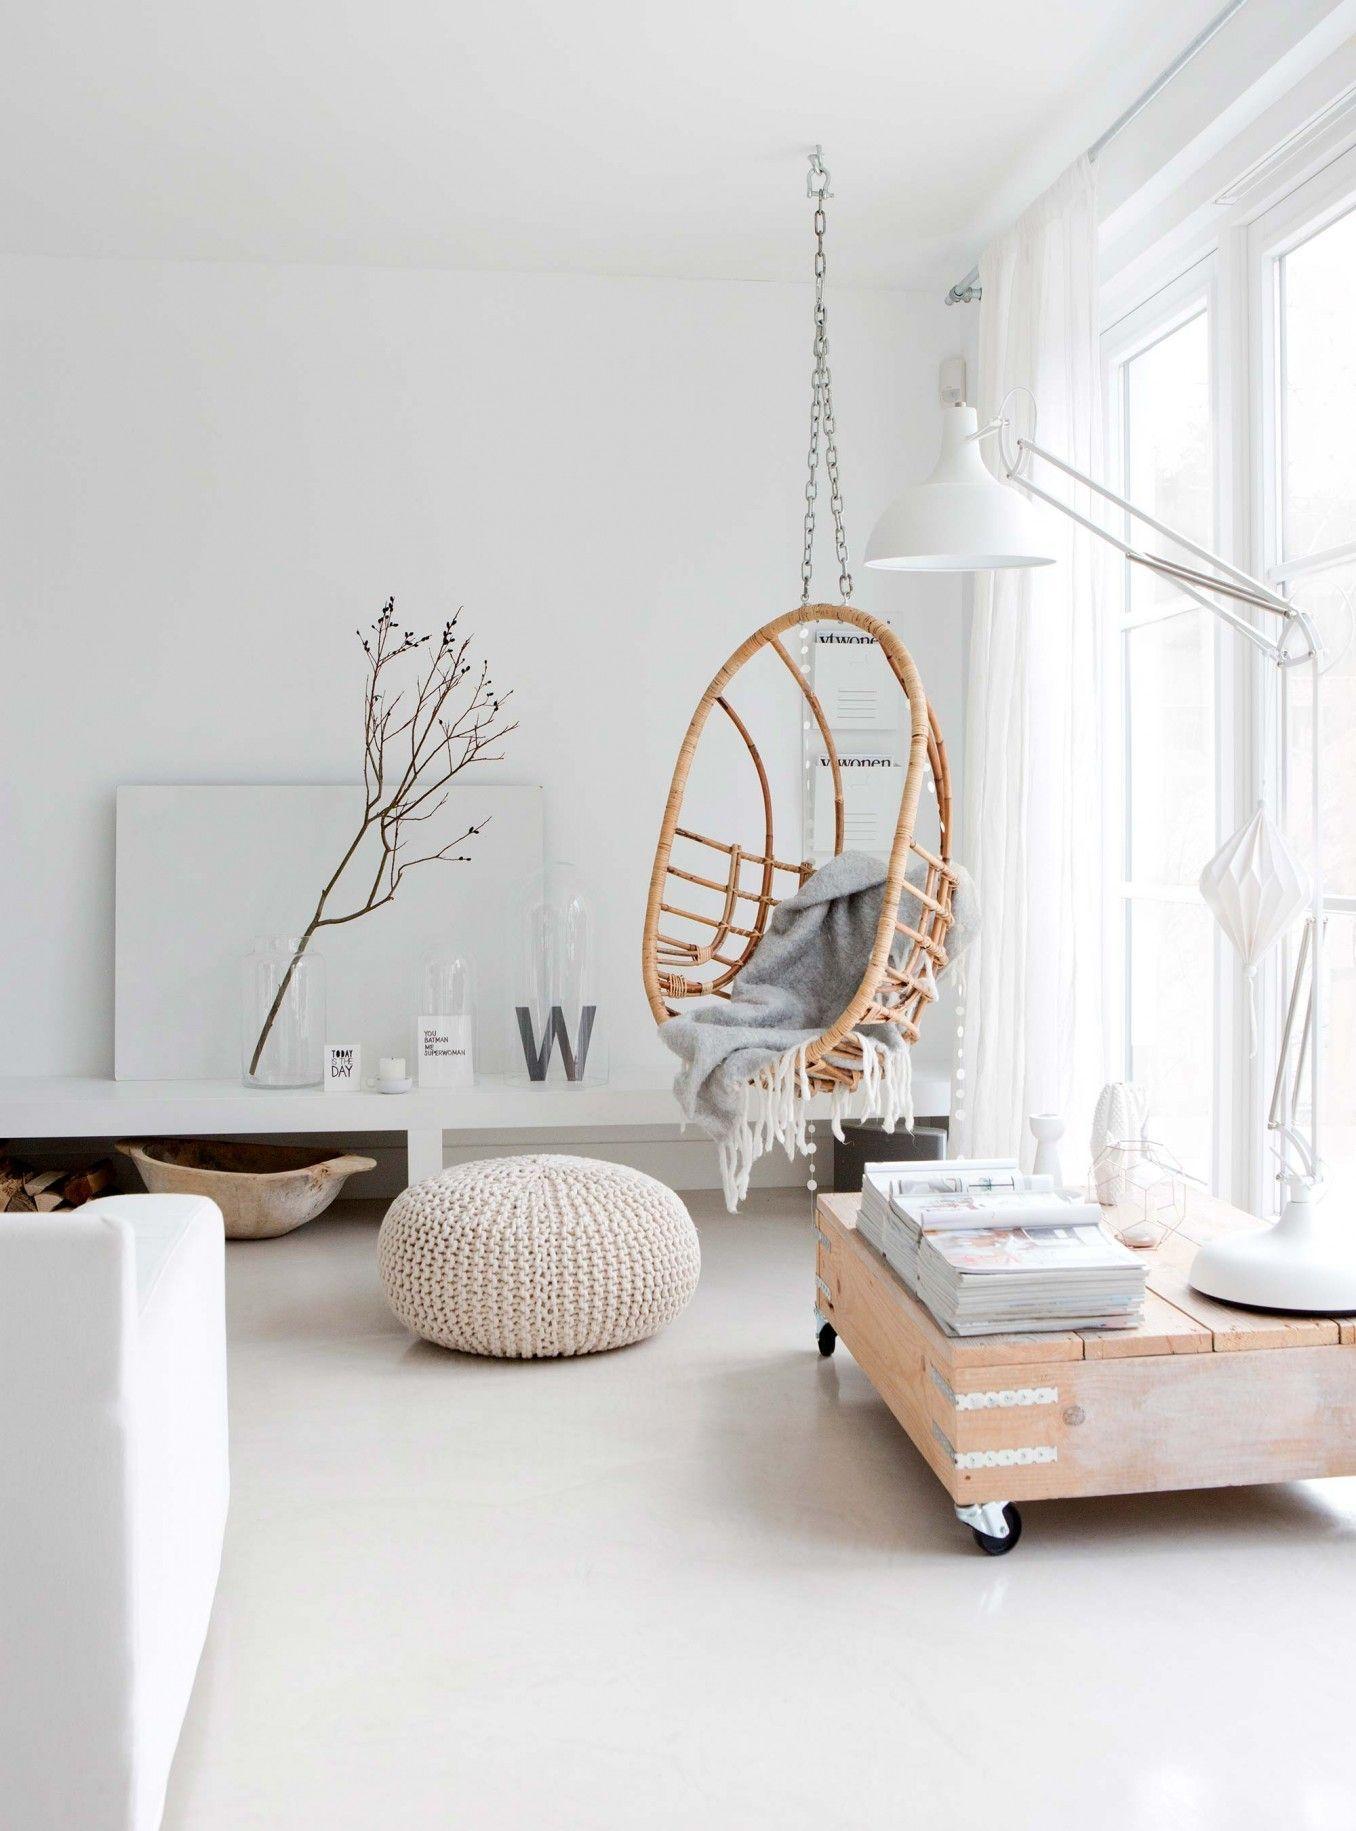 schoner schaukel spass im wohnzimmer htttps